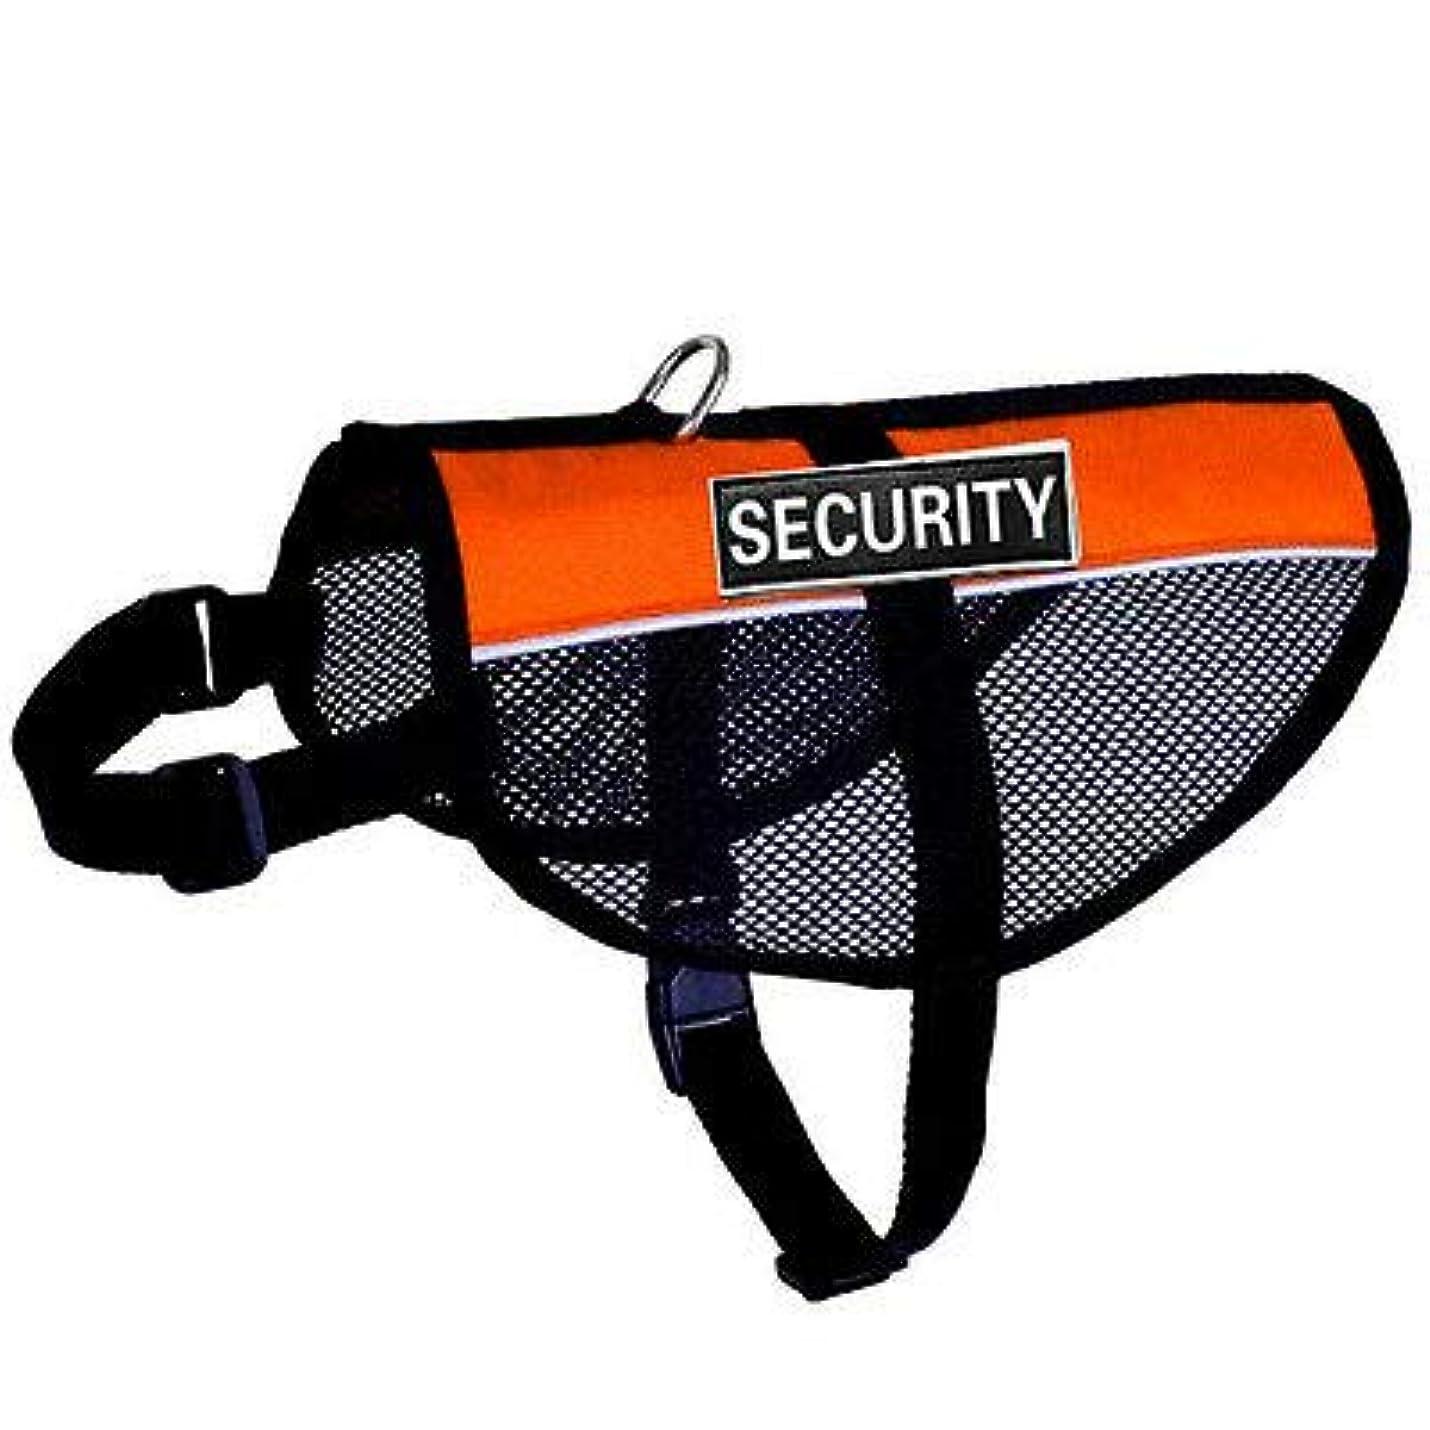 つばそよ風氷FidgetGear Reflective Mesh Service Dog Vest with 2 Free Removable label Patches Info Cards Orange S Fits Girth 15